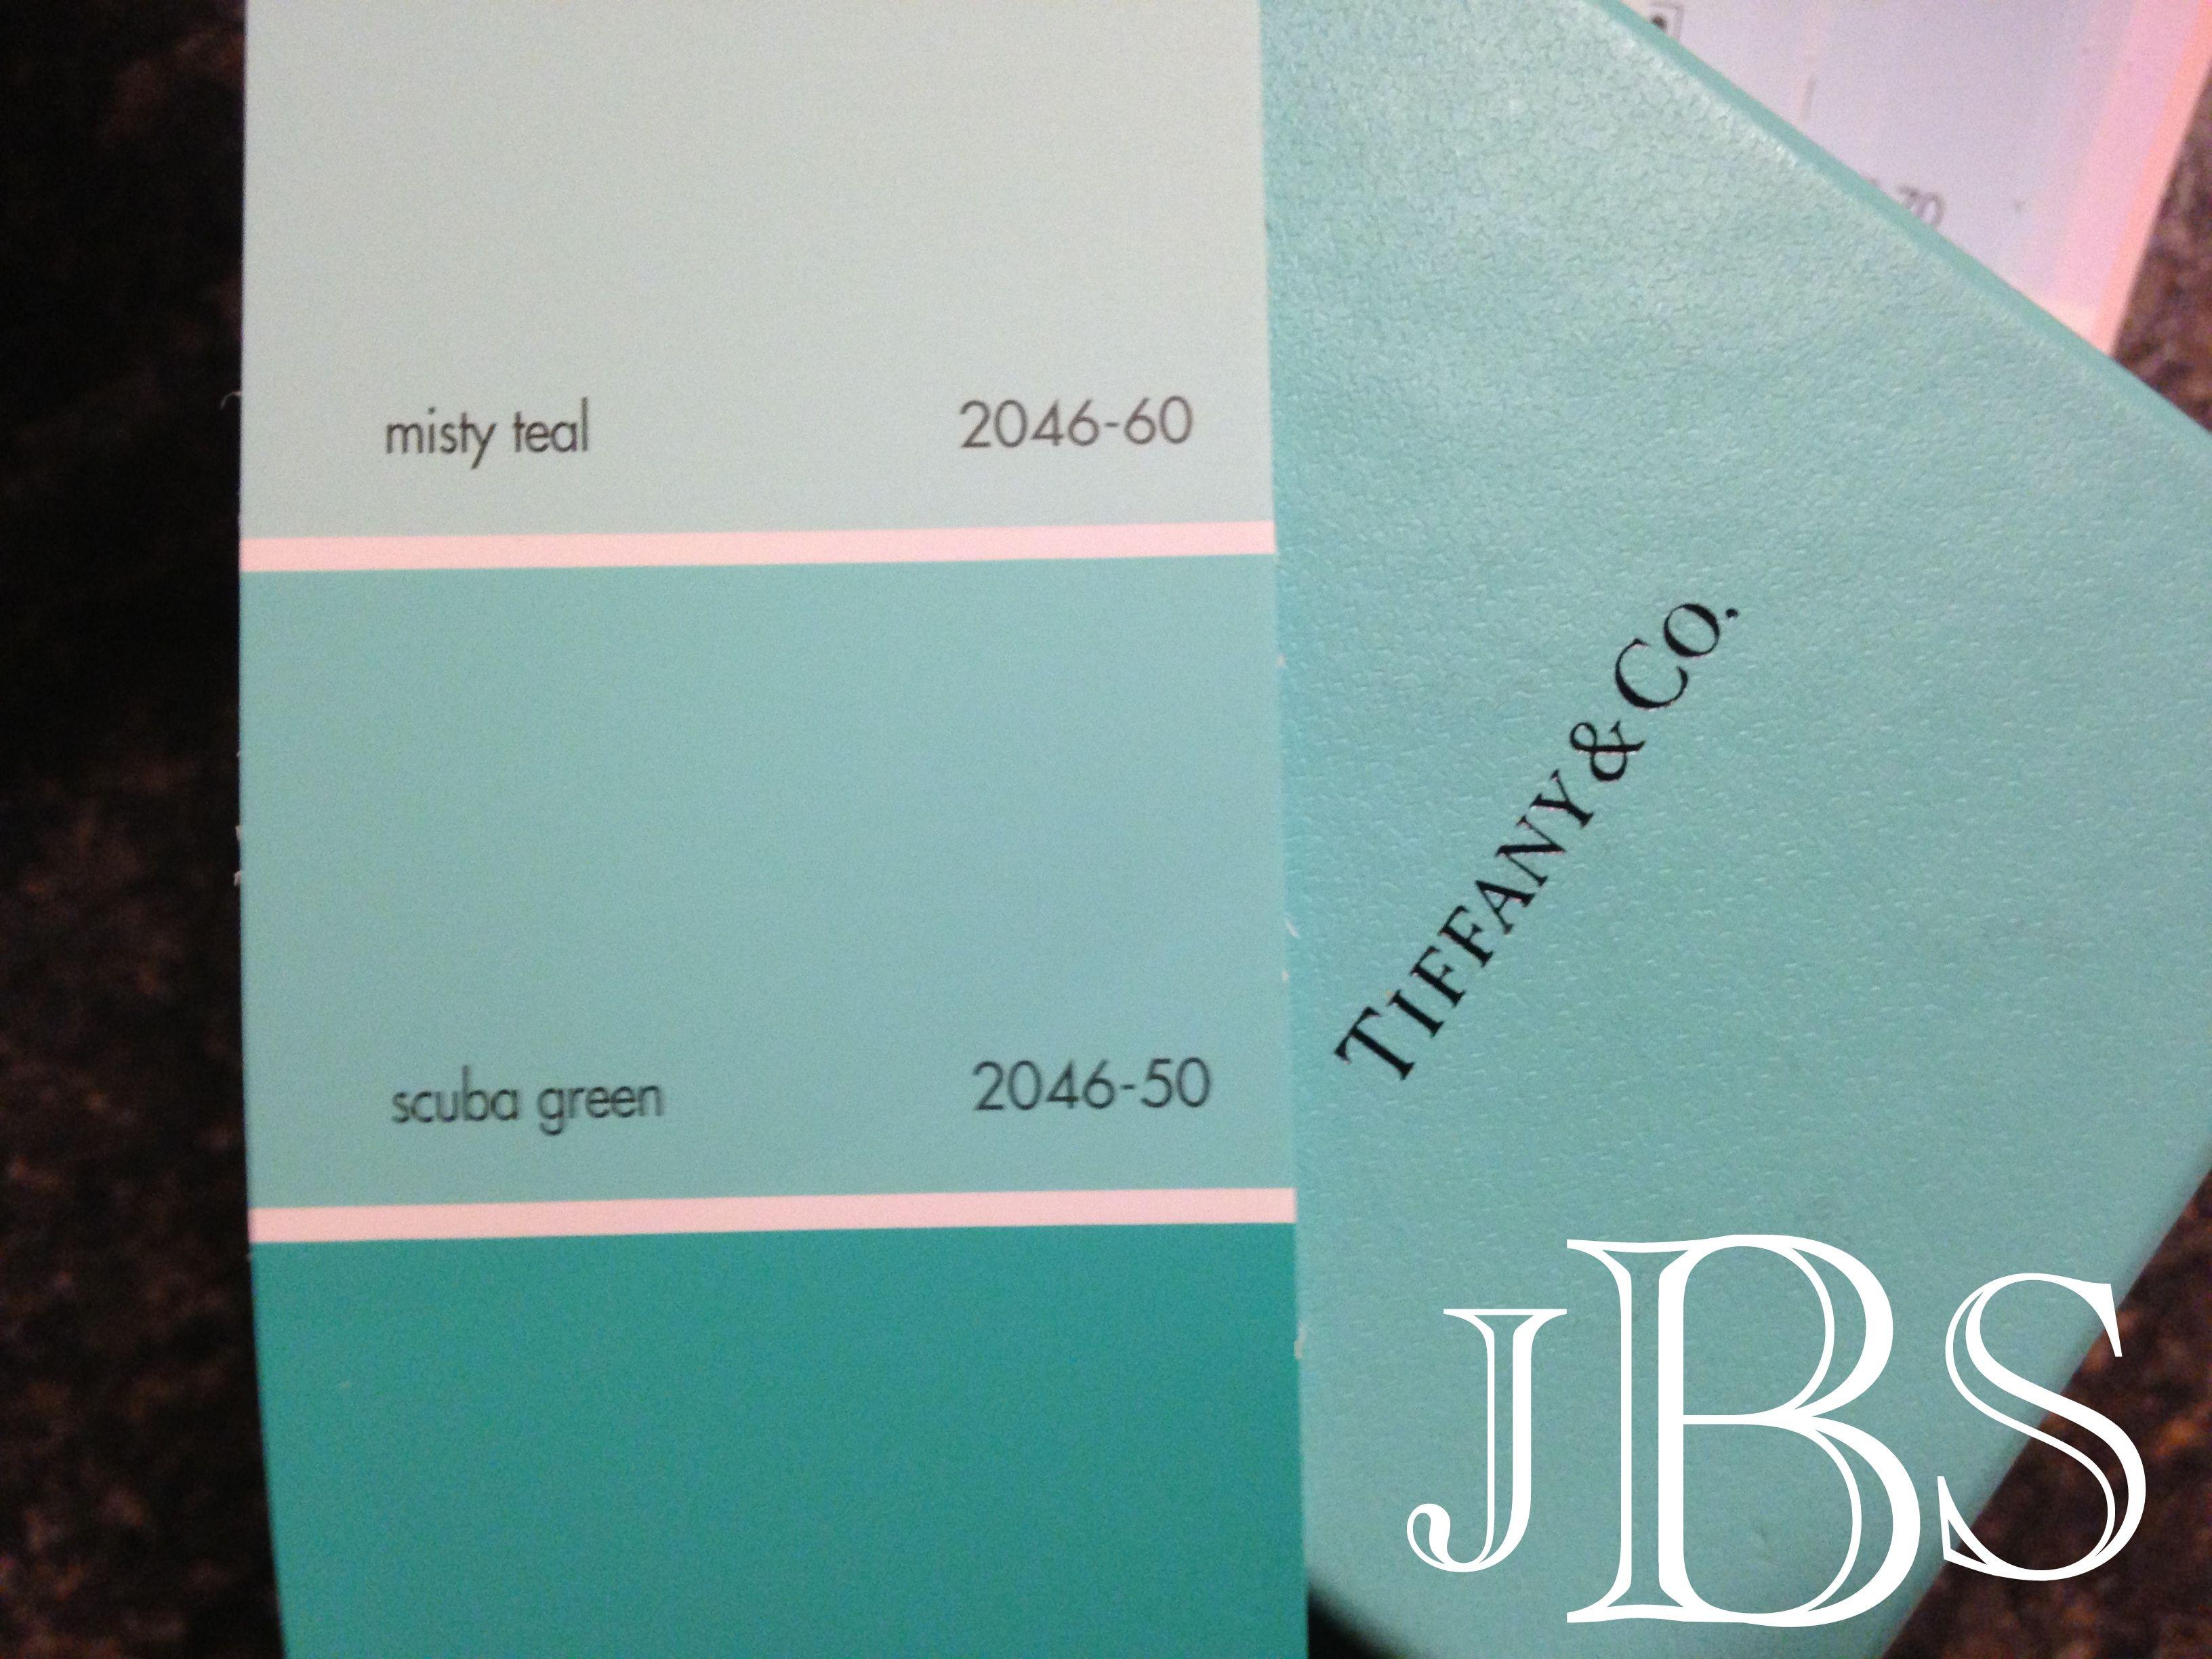 Tiffany Blue Paint ~ Benjamin Moore Aqua Blue | Paint Colors I Love |  Pinterest | Tiffany blue, Benjamin moore and Aqua blue